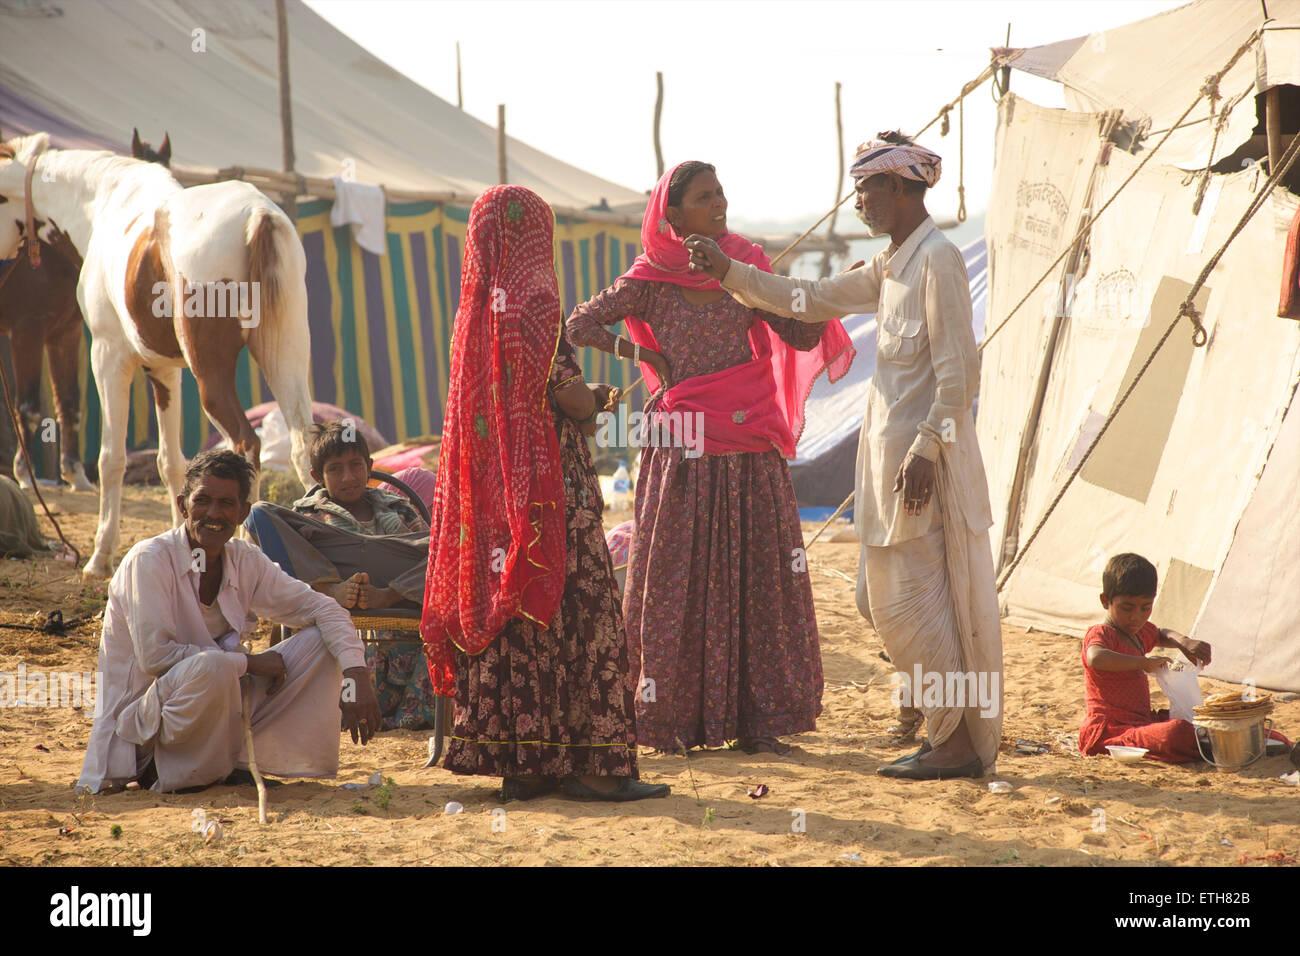 Famille Rajasthani et relaxant à parler. Foire de Pushkar, Rajasthan, India Banque D'Images